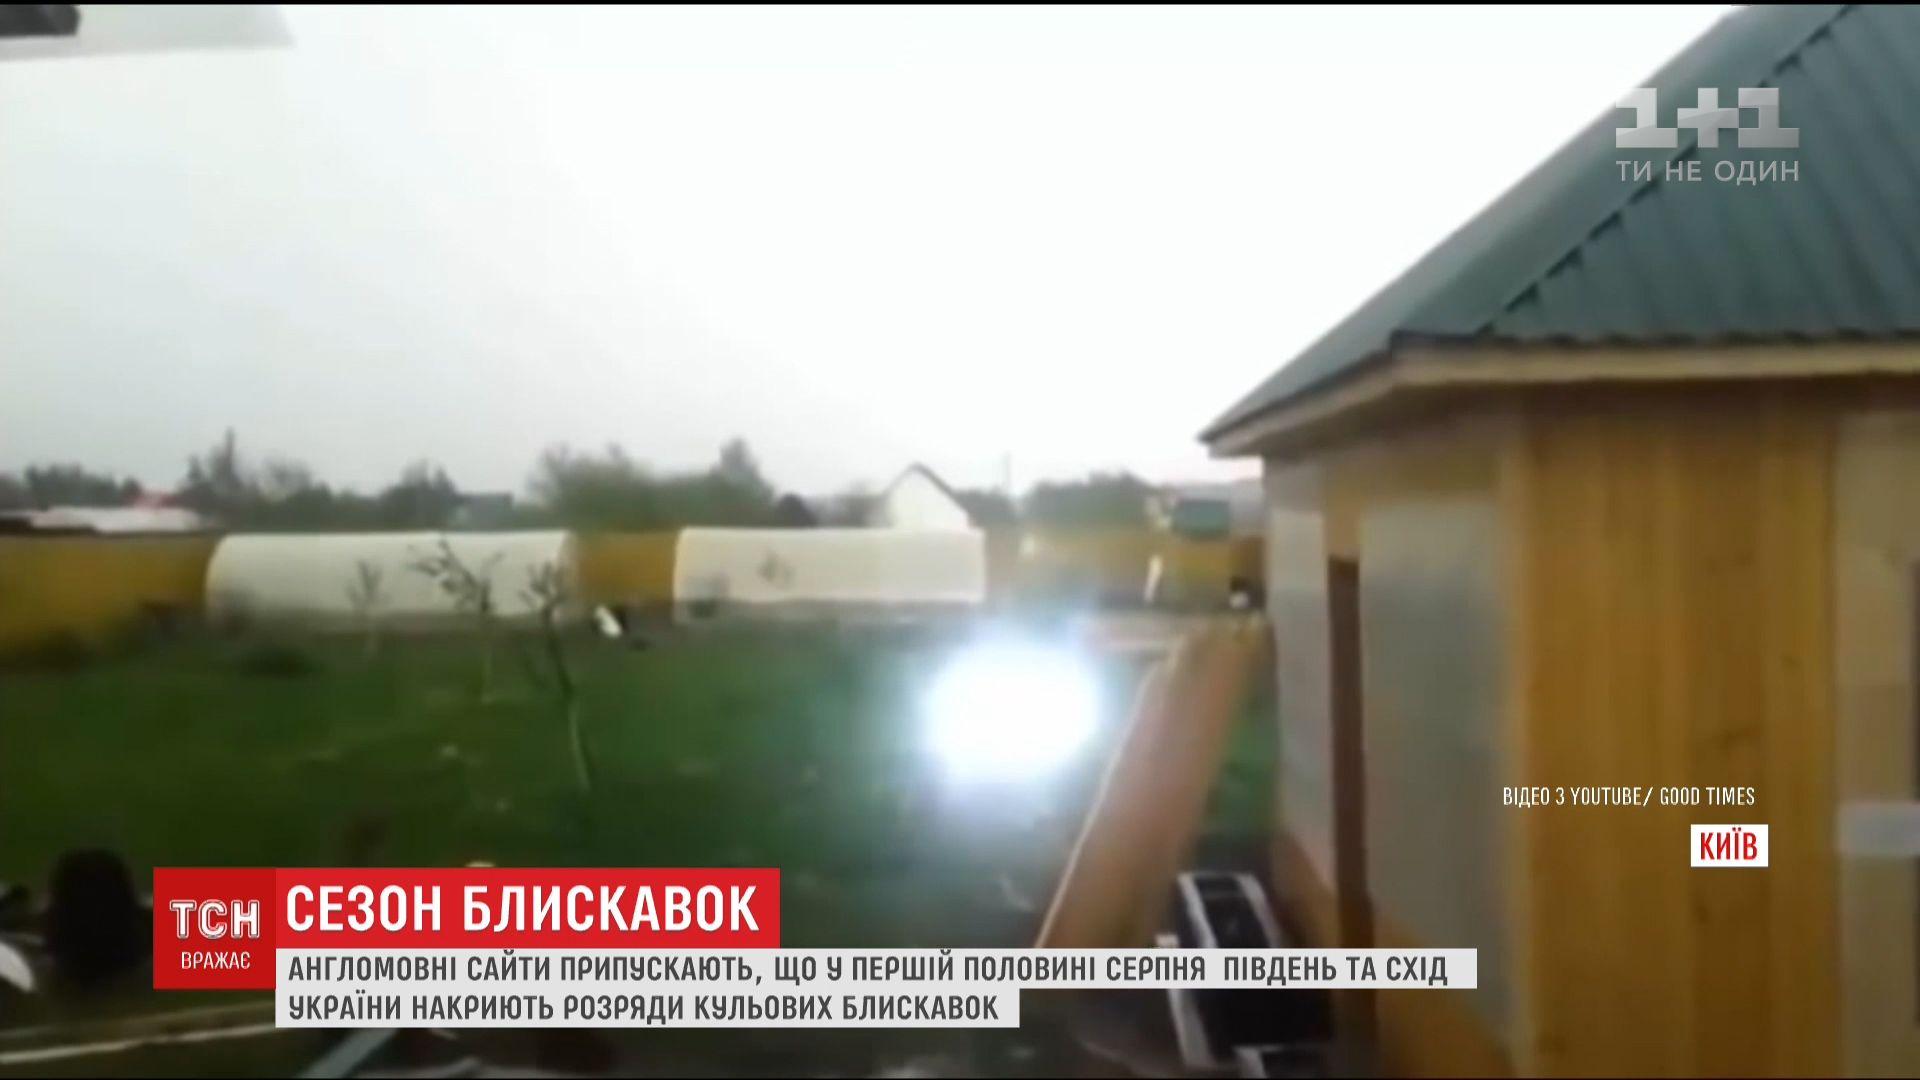 Шаровые молнии могут быть непредсказуемыми / Кадр из видео ТСН